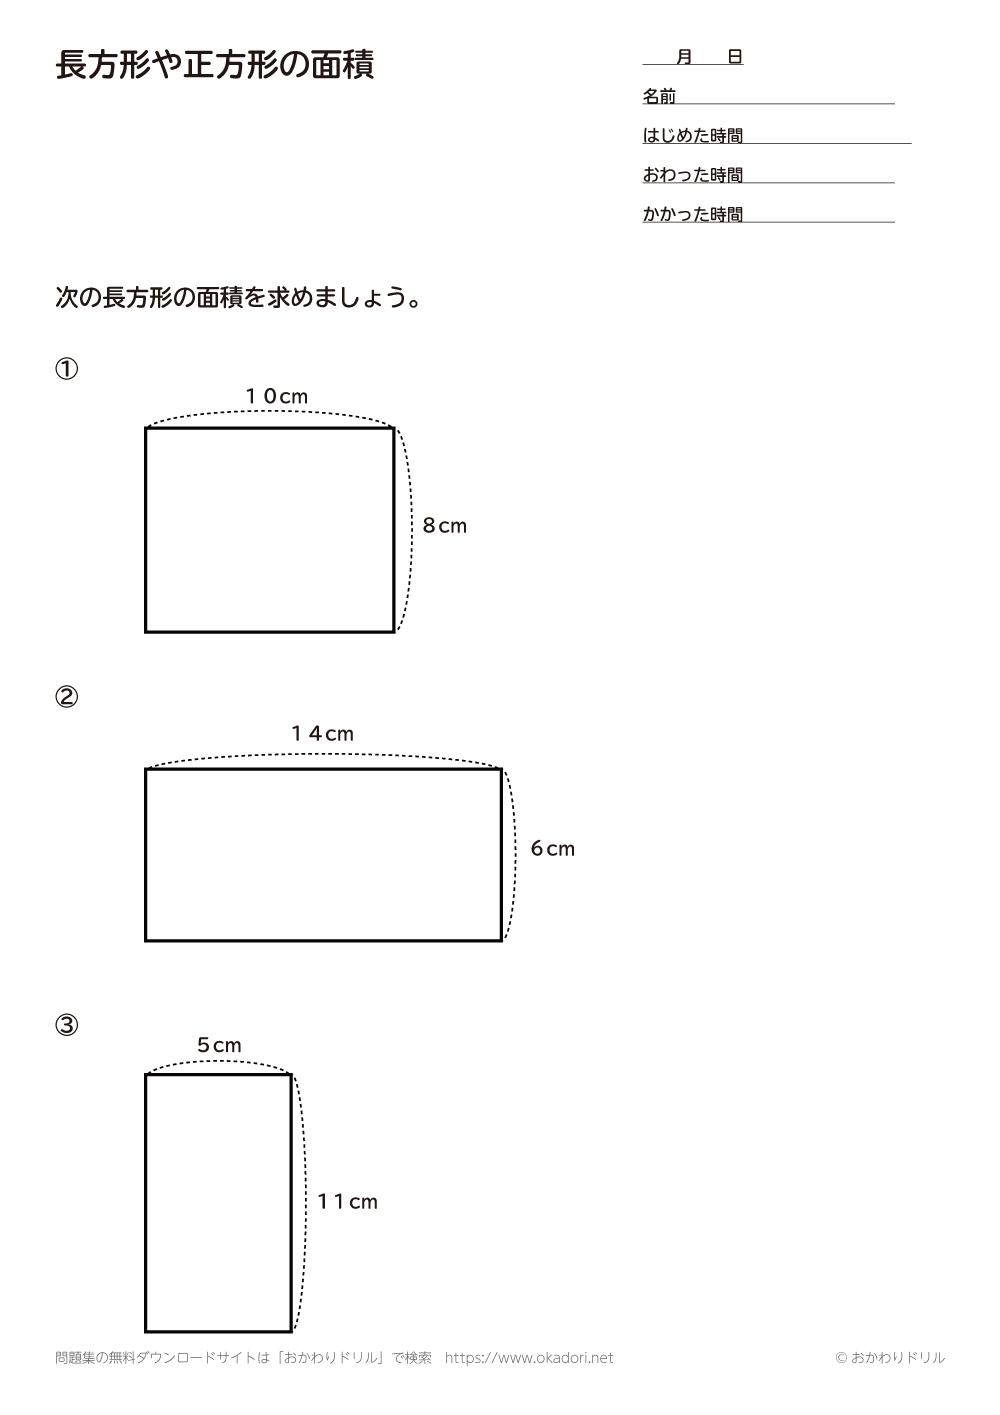 長方形や正方形の面積2